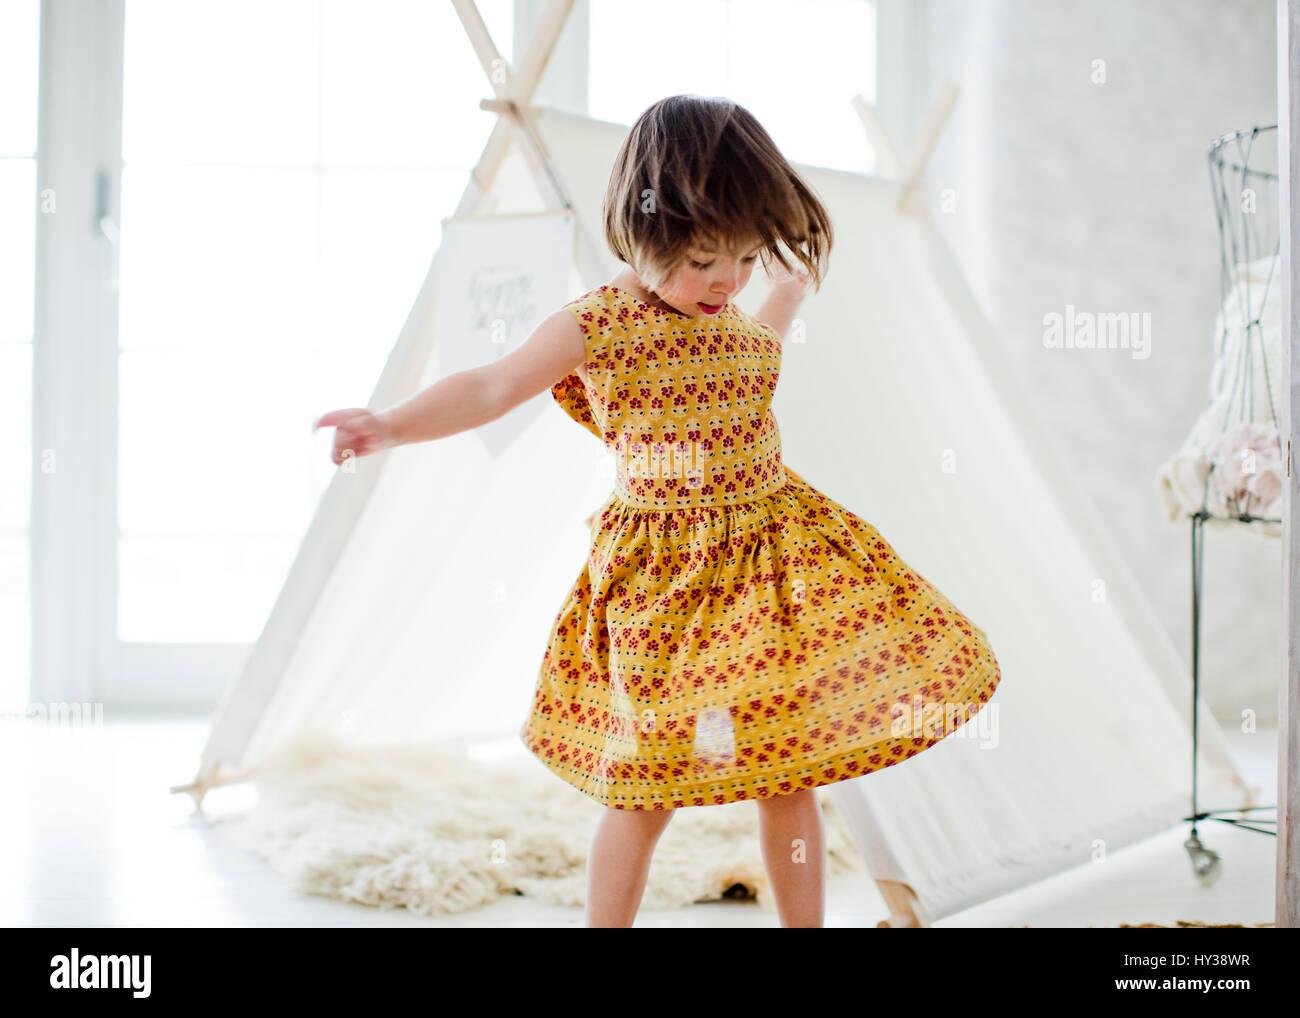 Schweden, neben Zelt zu Hause Tanzendes Mädchen (4-5) Stockfoto